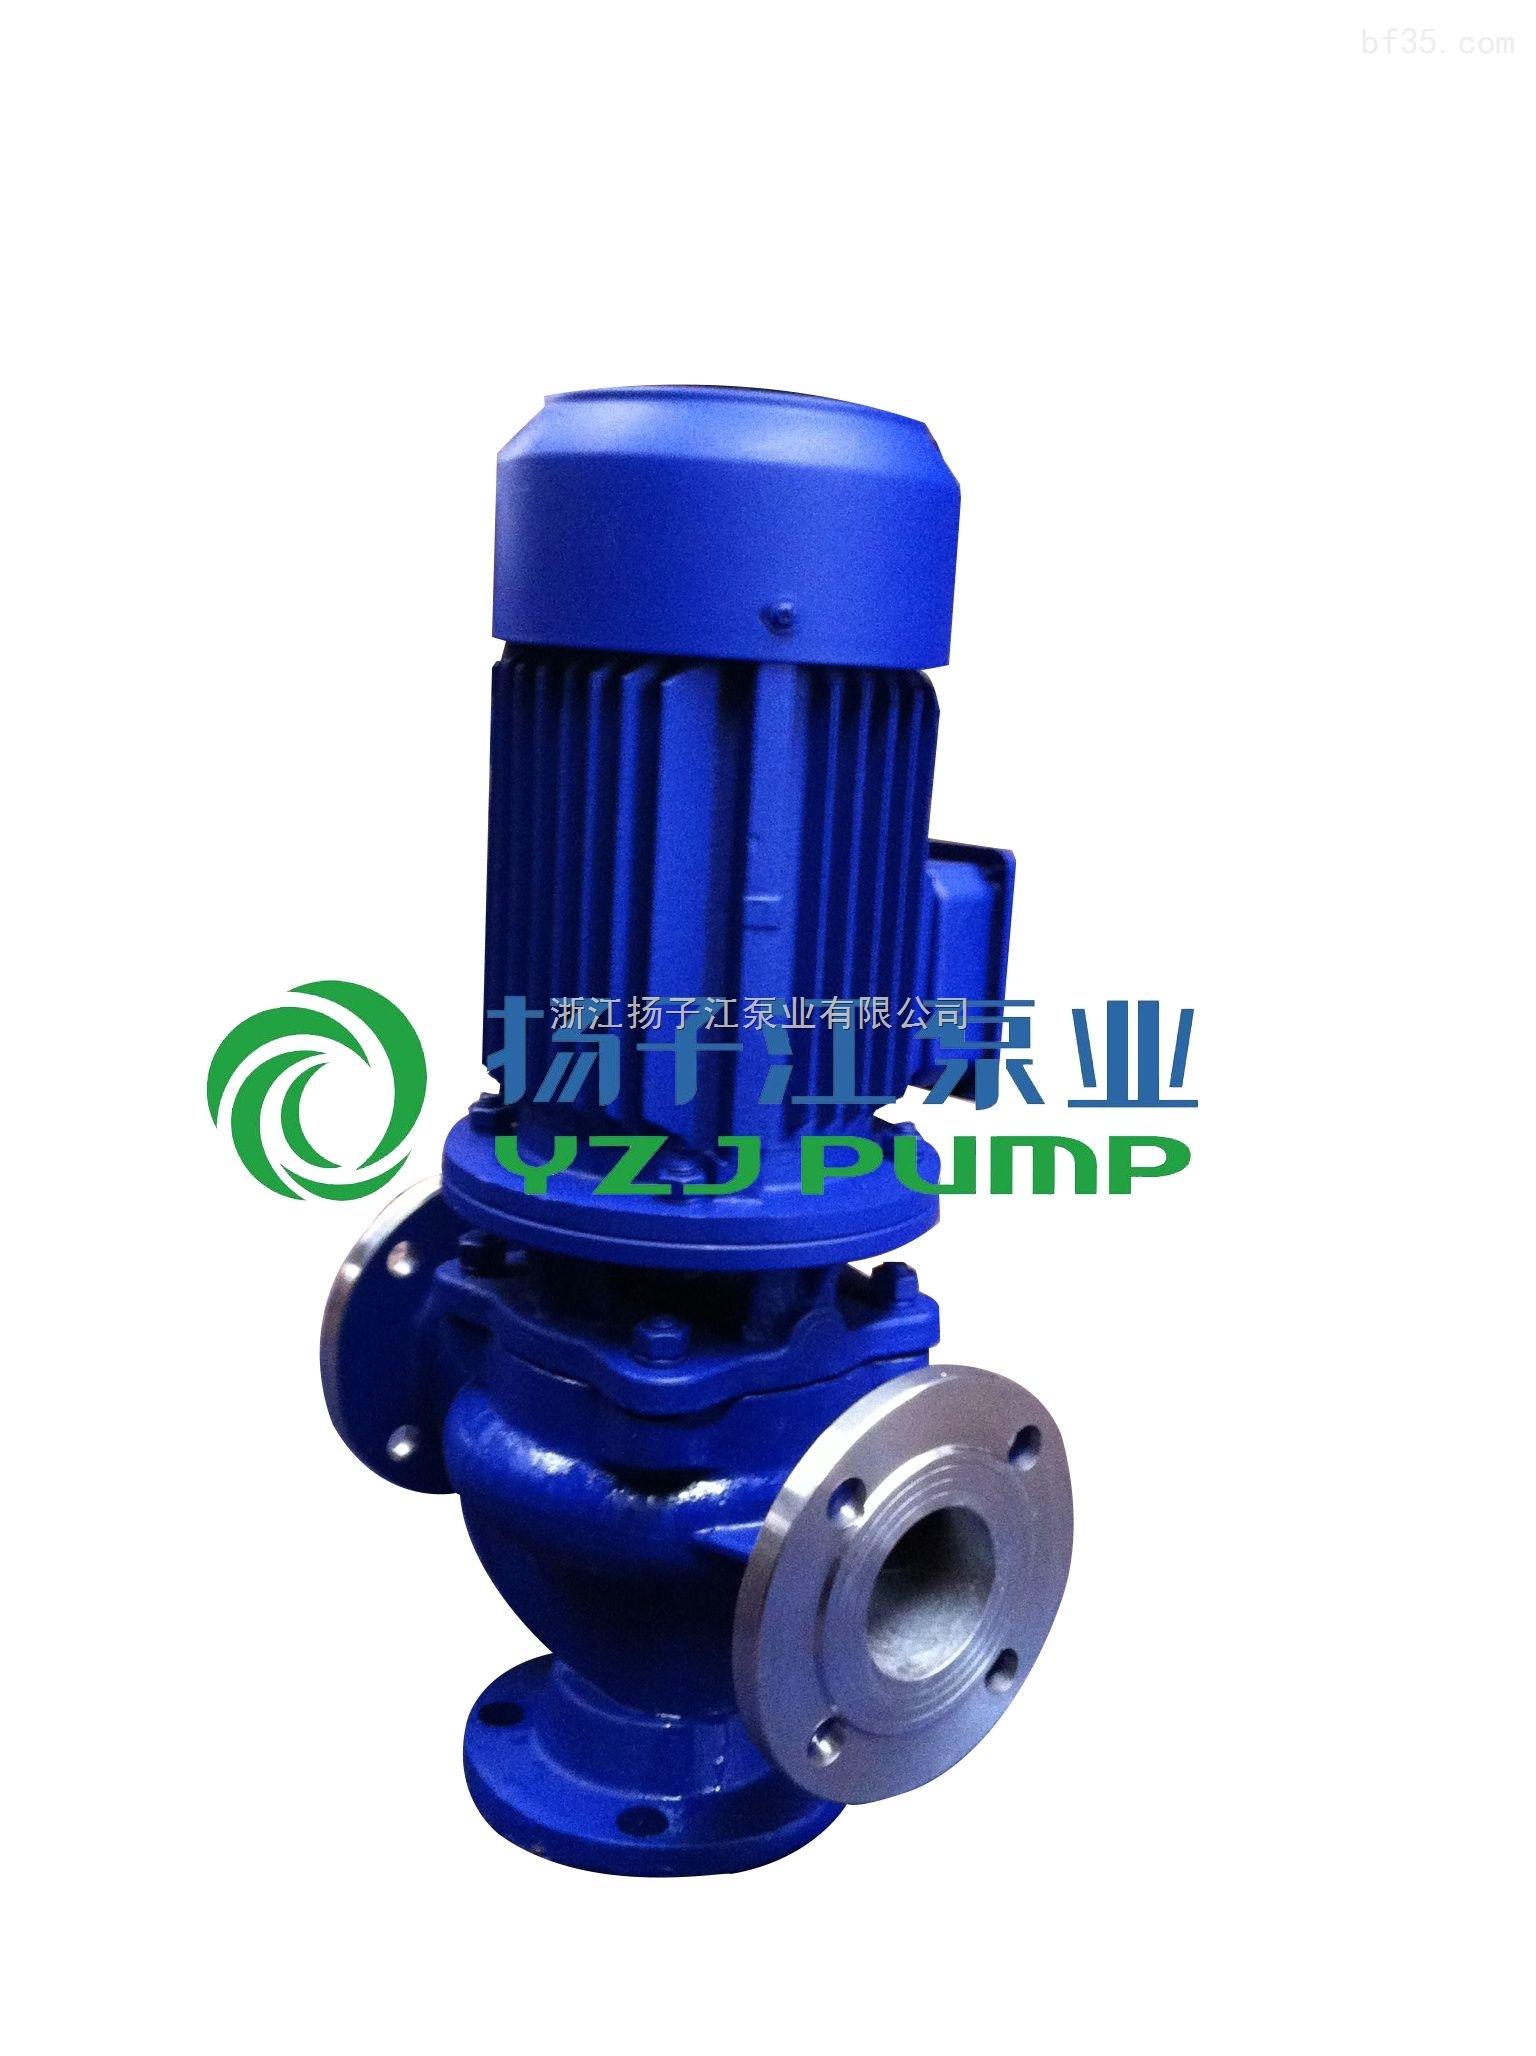 无堵塞管道污水泵 50GW20-7-0.75 立式排污泵 GW污水泵型号